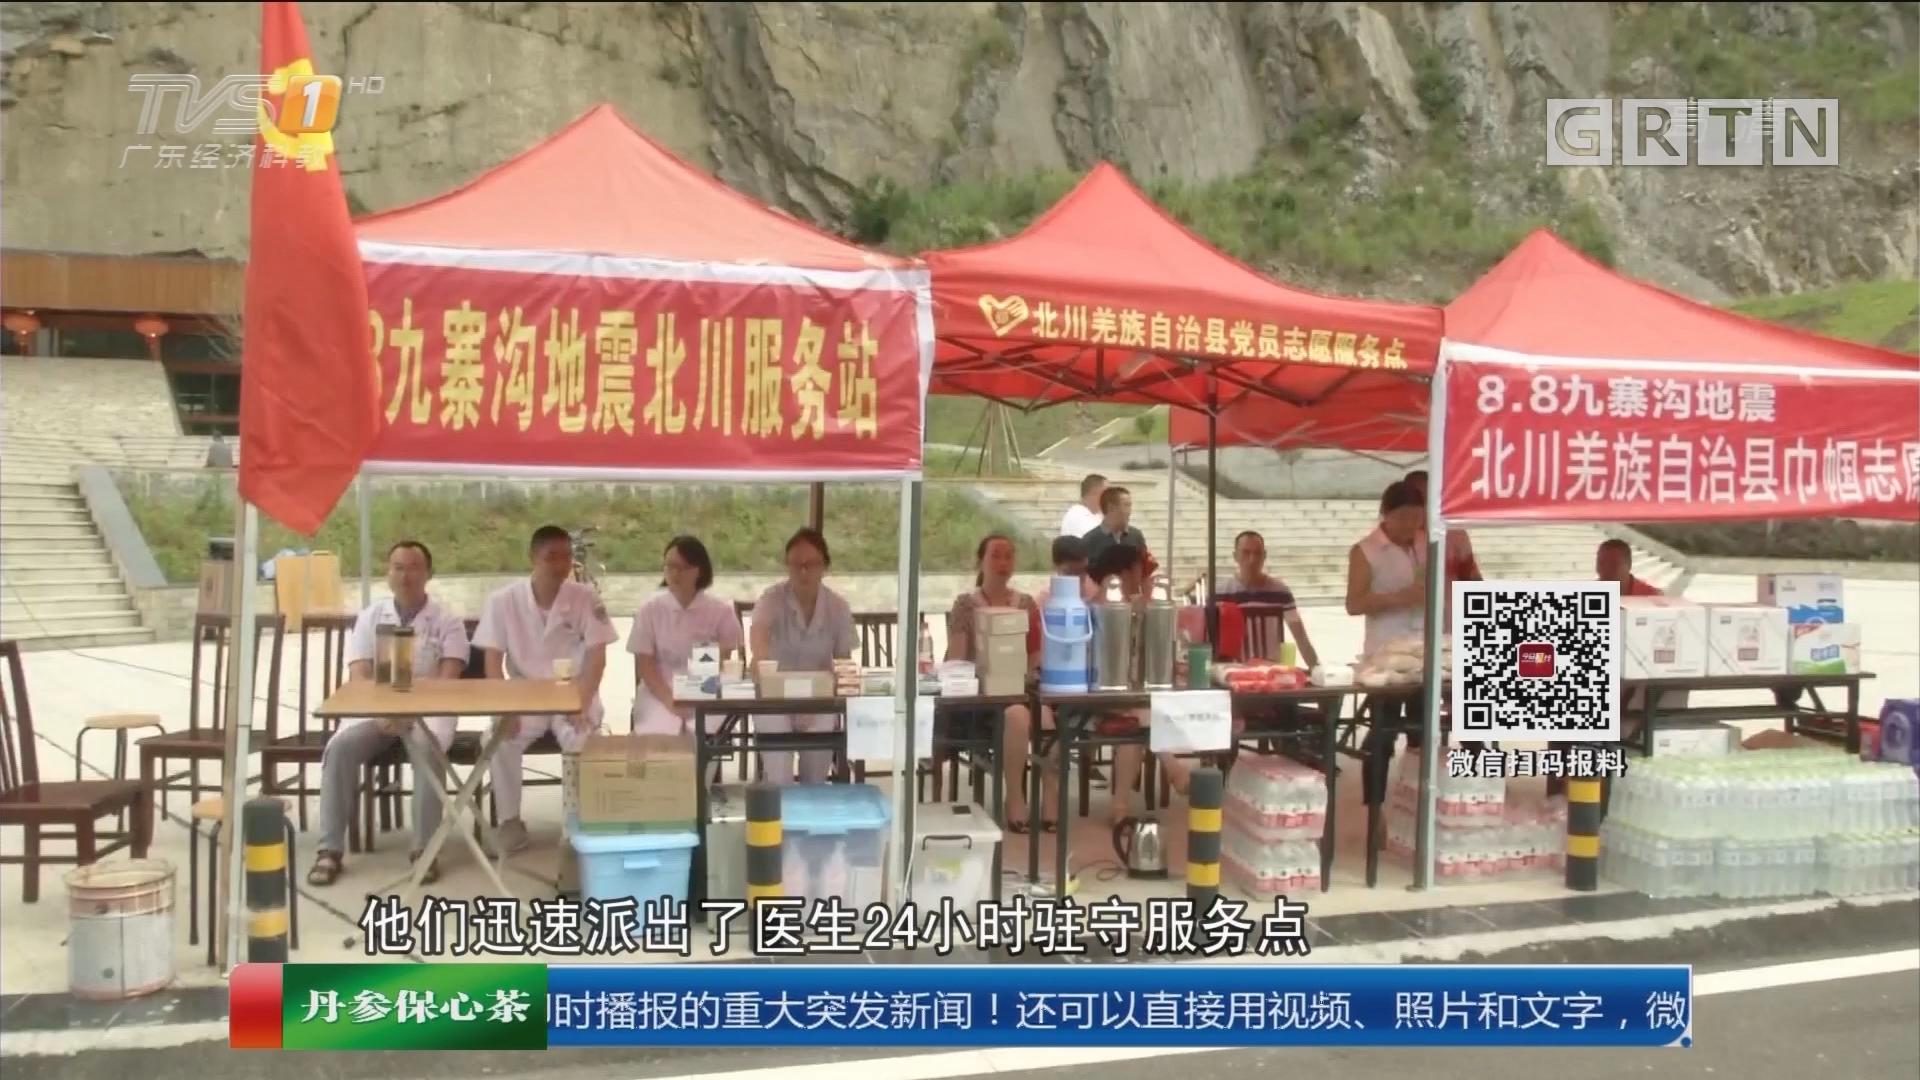 关注九寨沟地震:抗震救灾 一方有难八方支援